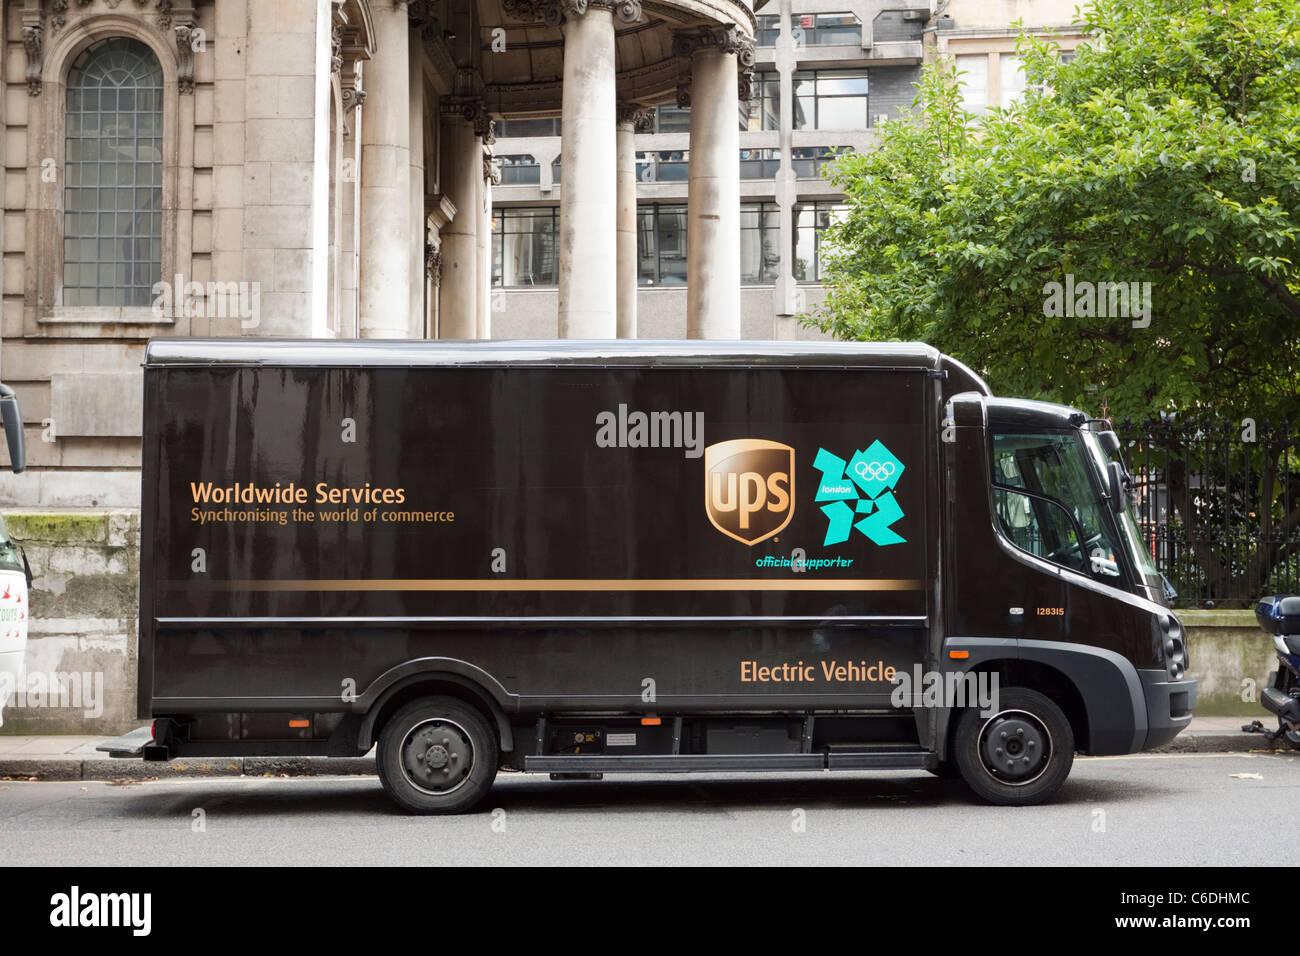 Camion de livraison de colis UPS, véhicule électrique, London, England, UK Photo Stock